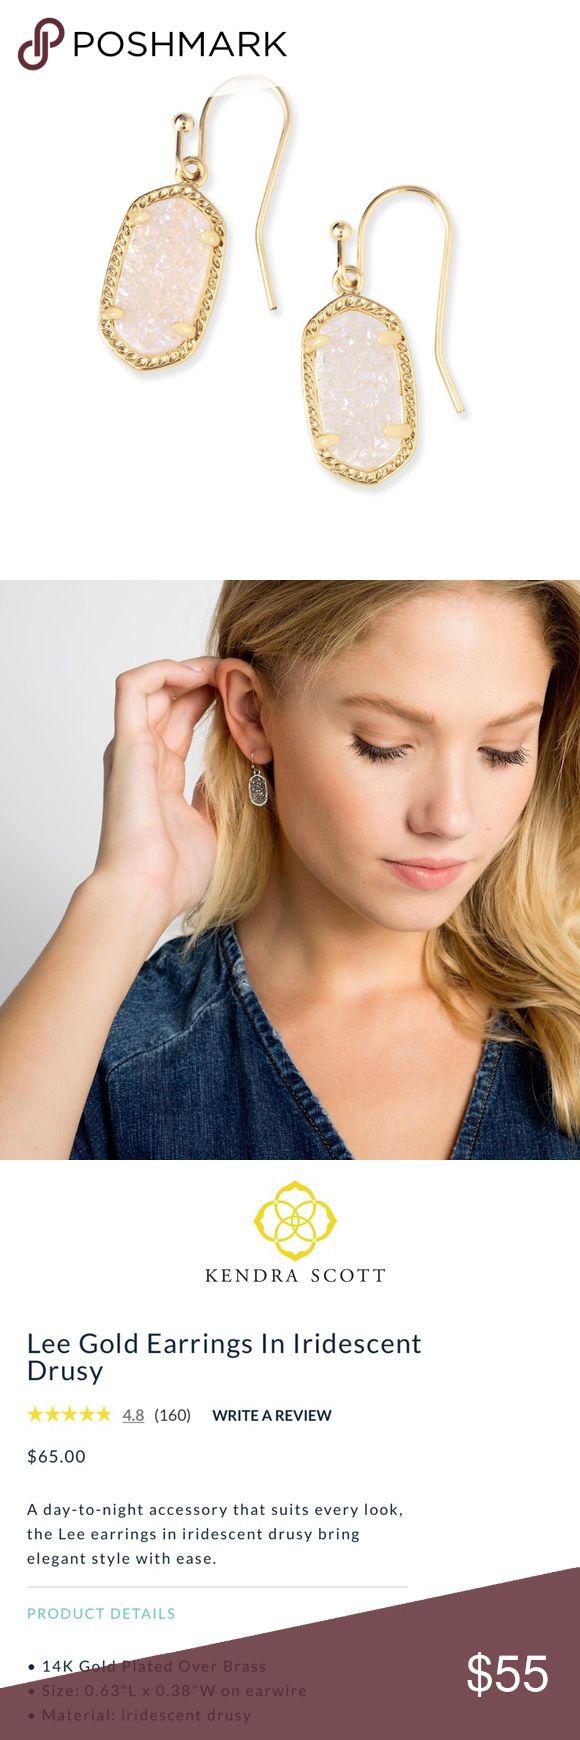 💋SALE. Kendra Scott Earrings #LeeGold NWT Kendra Scott Jewelry Earrings